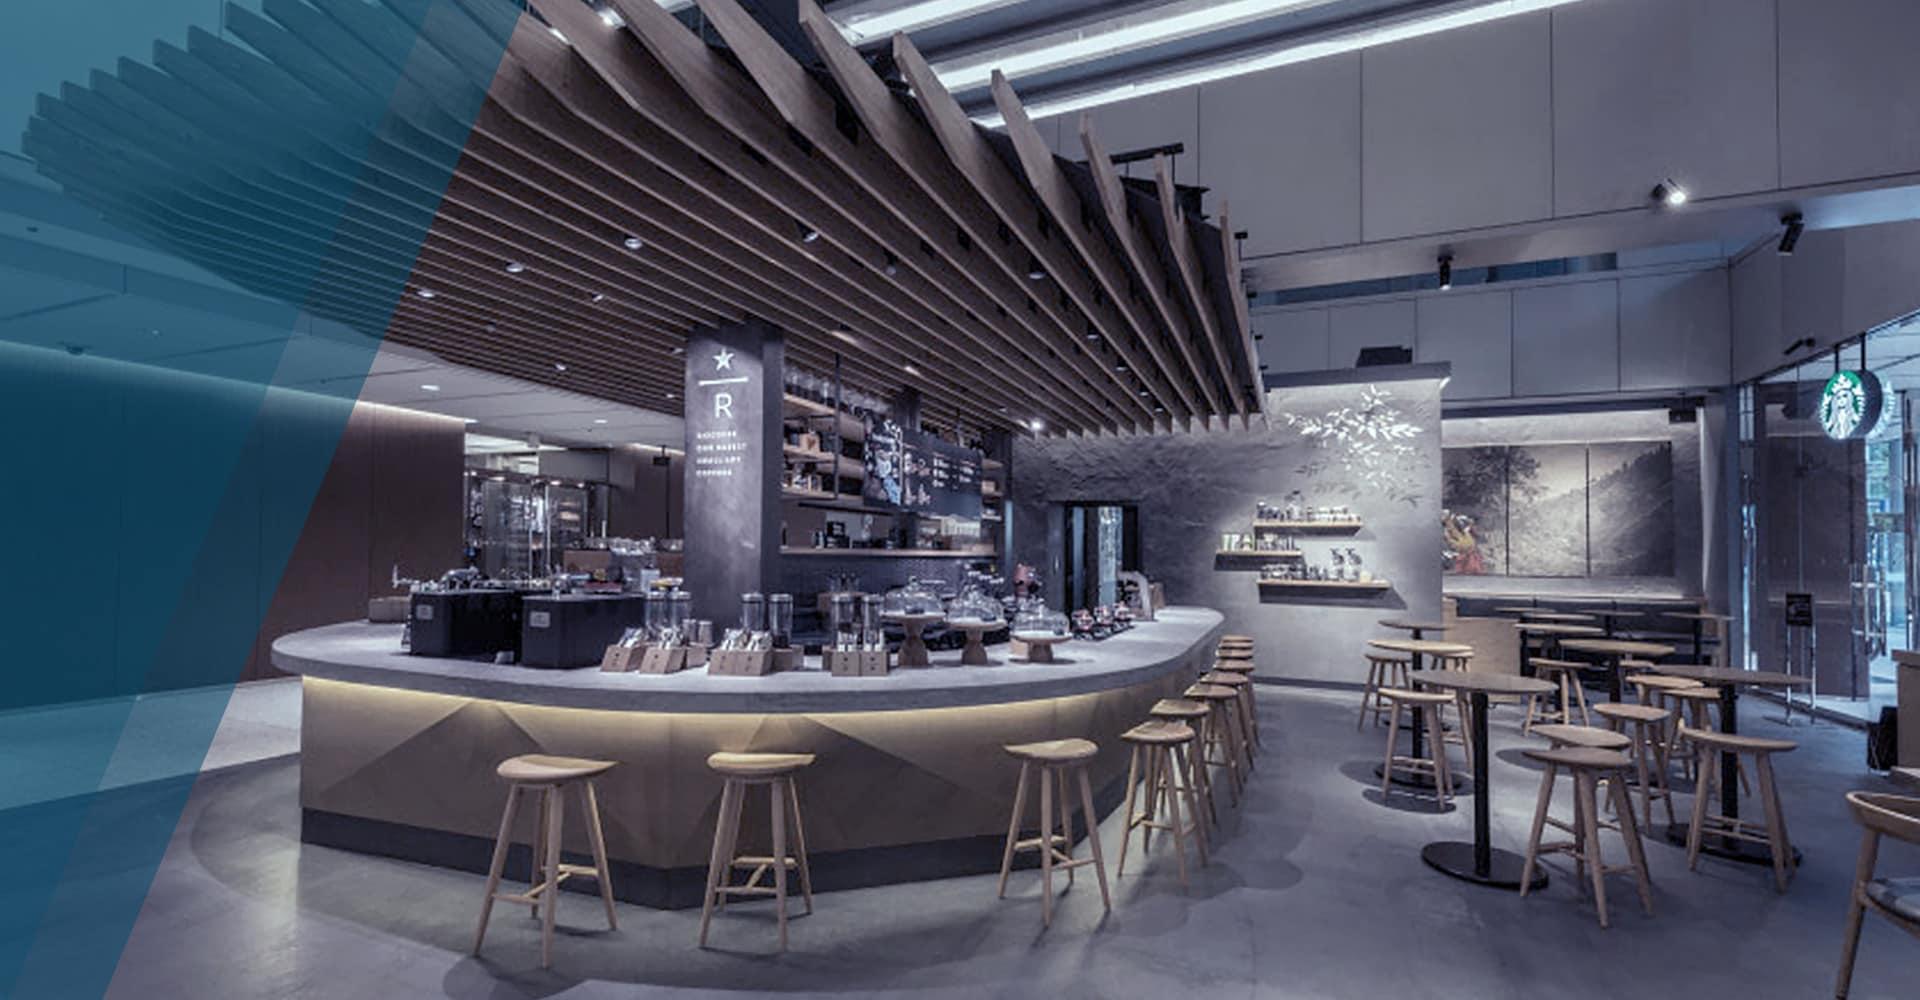 Starbucks Japan uses BIM and VR in design